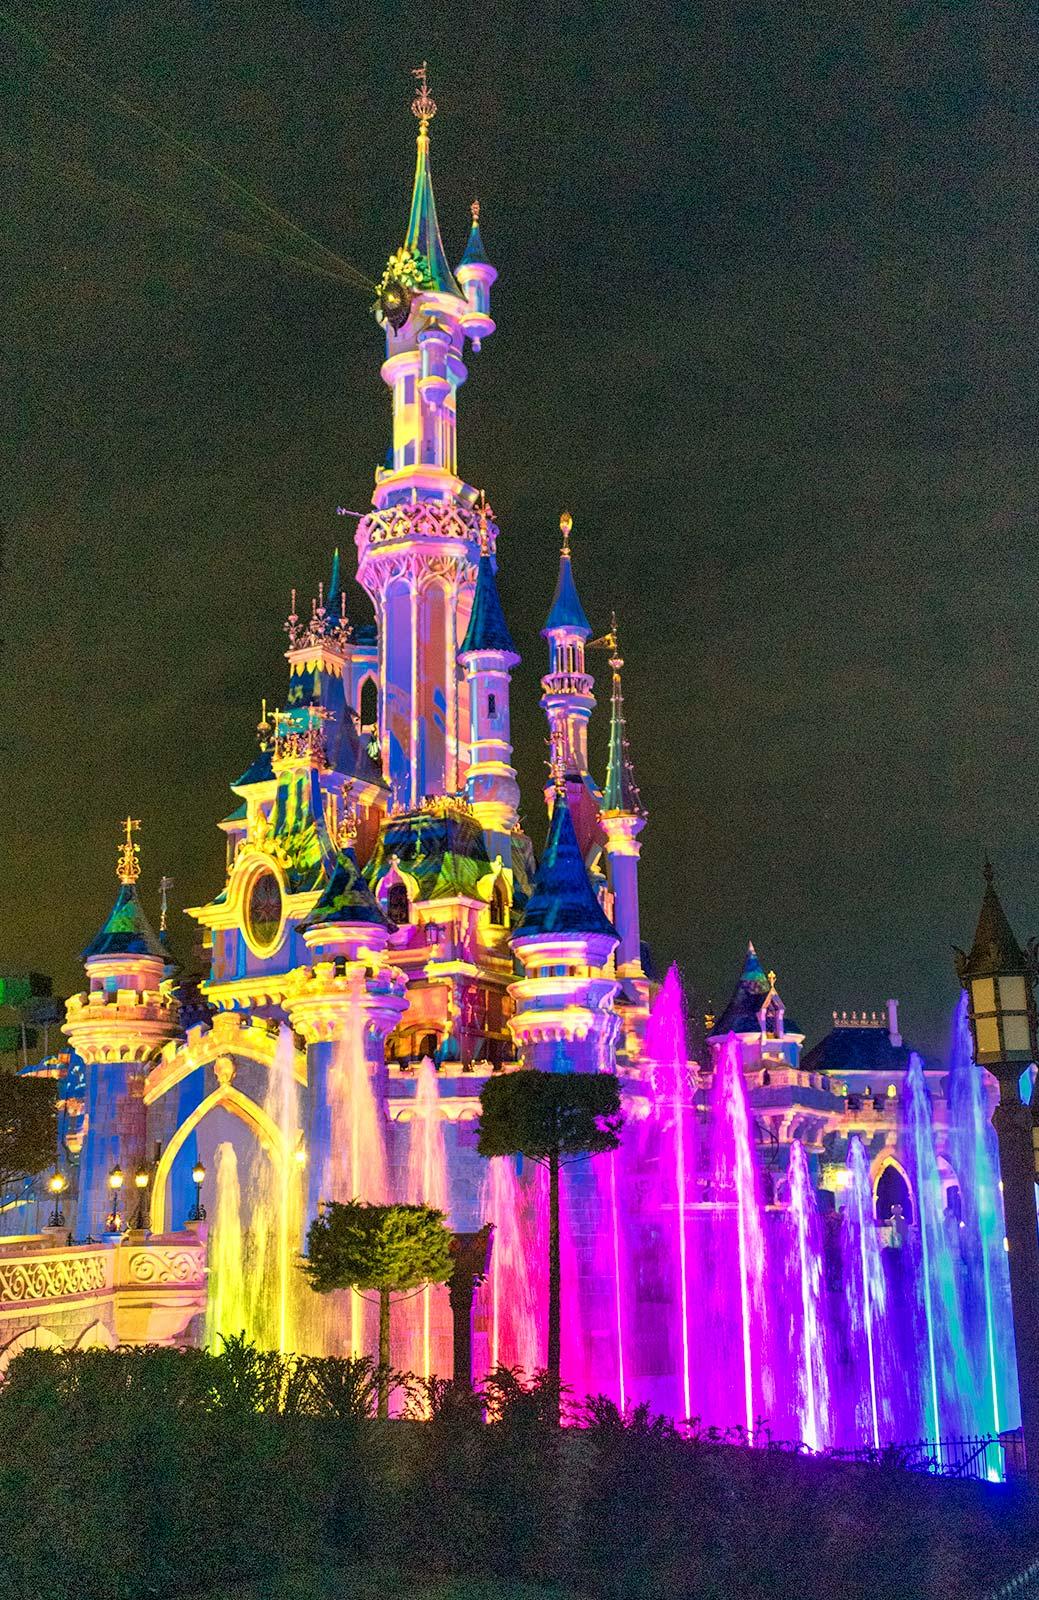 Disney Illumination